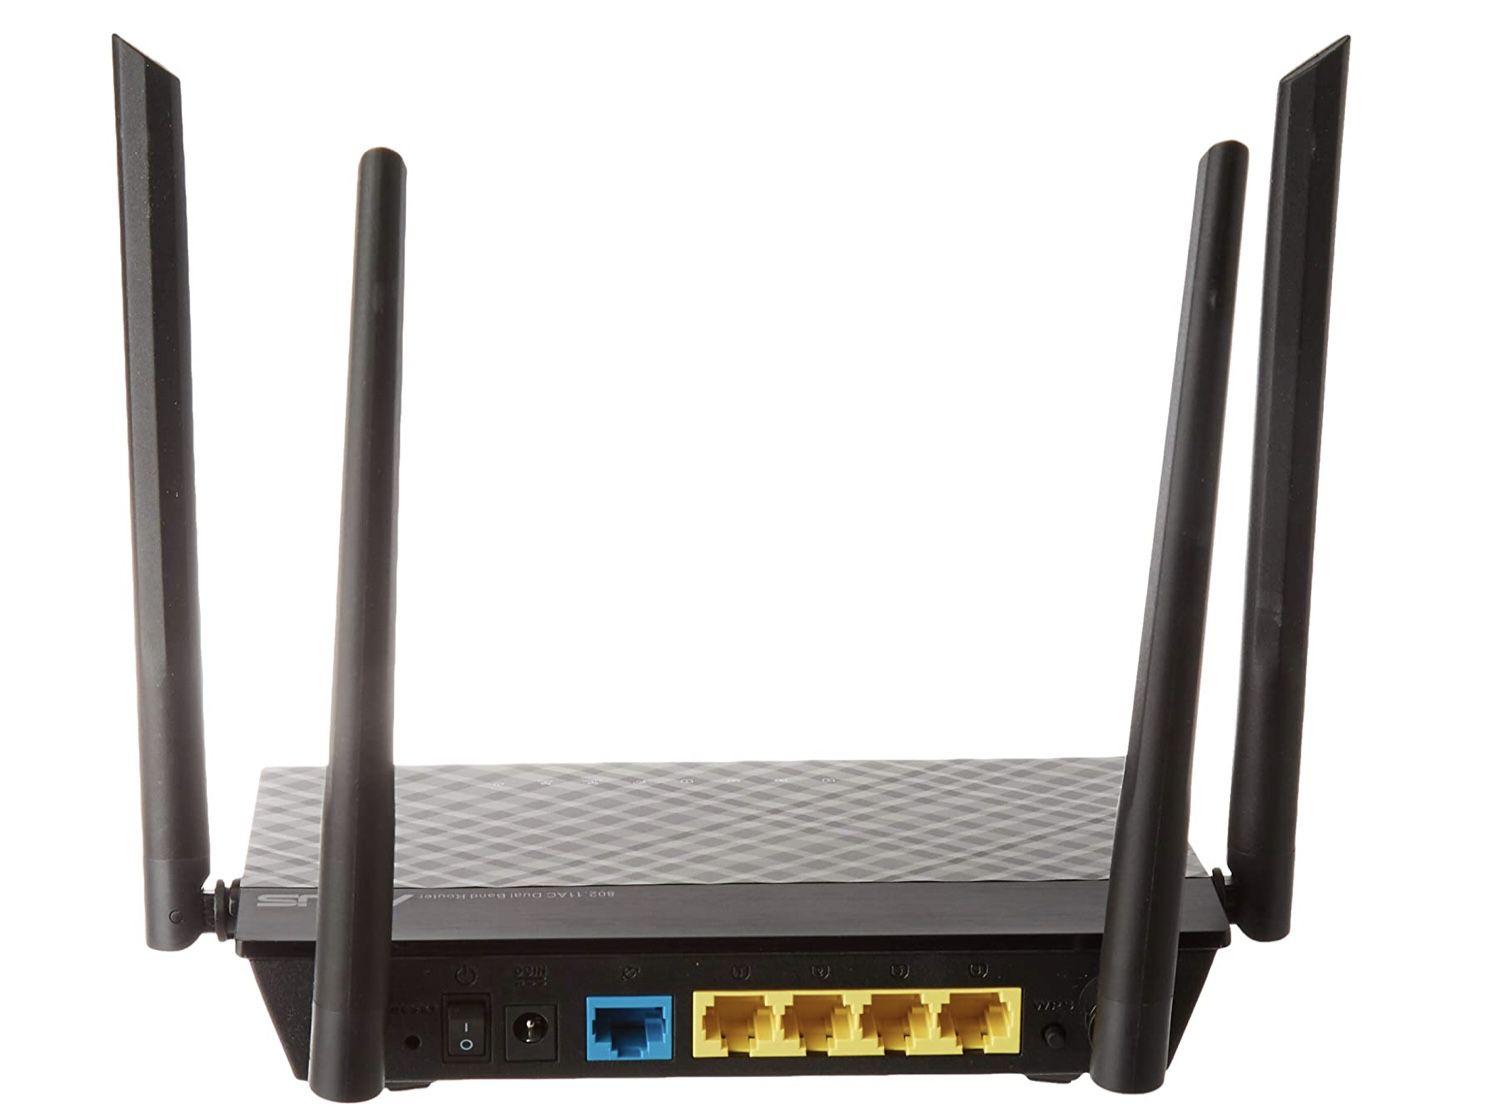 Asus RT AC1200 V2 Router mit 4x Fast Ethernet LAN und App Steuerung für 24,99€ (statt 40€)   Prime